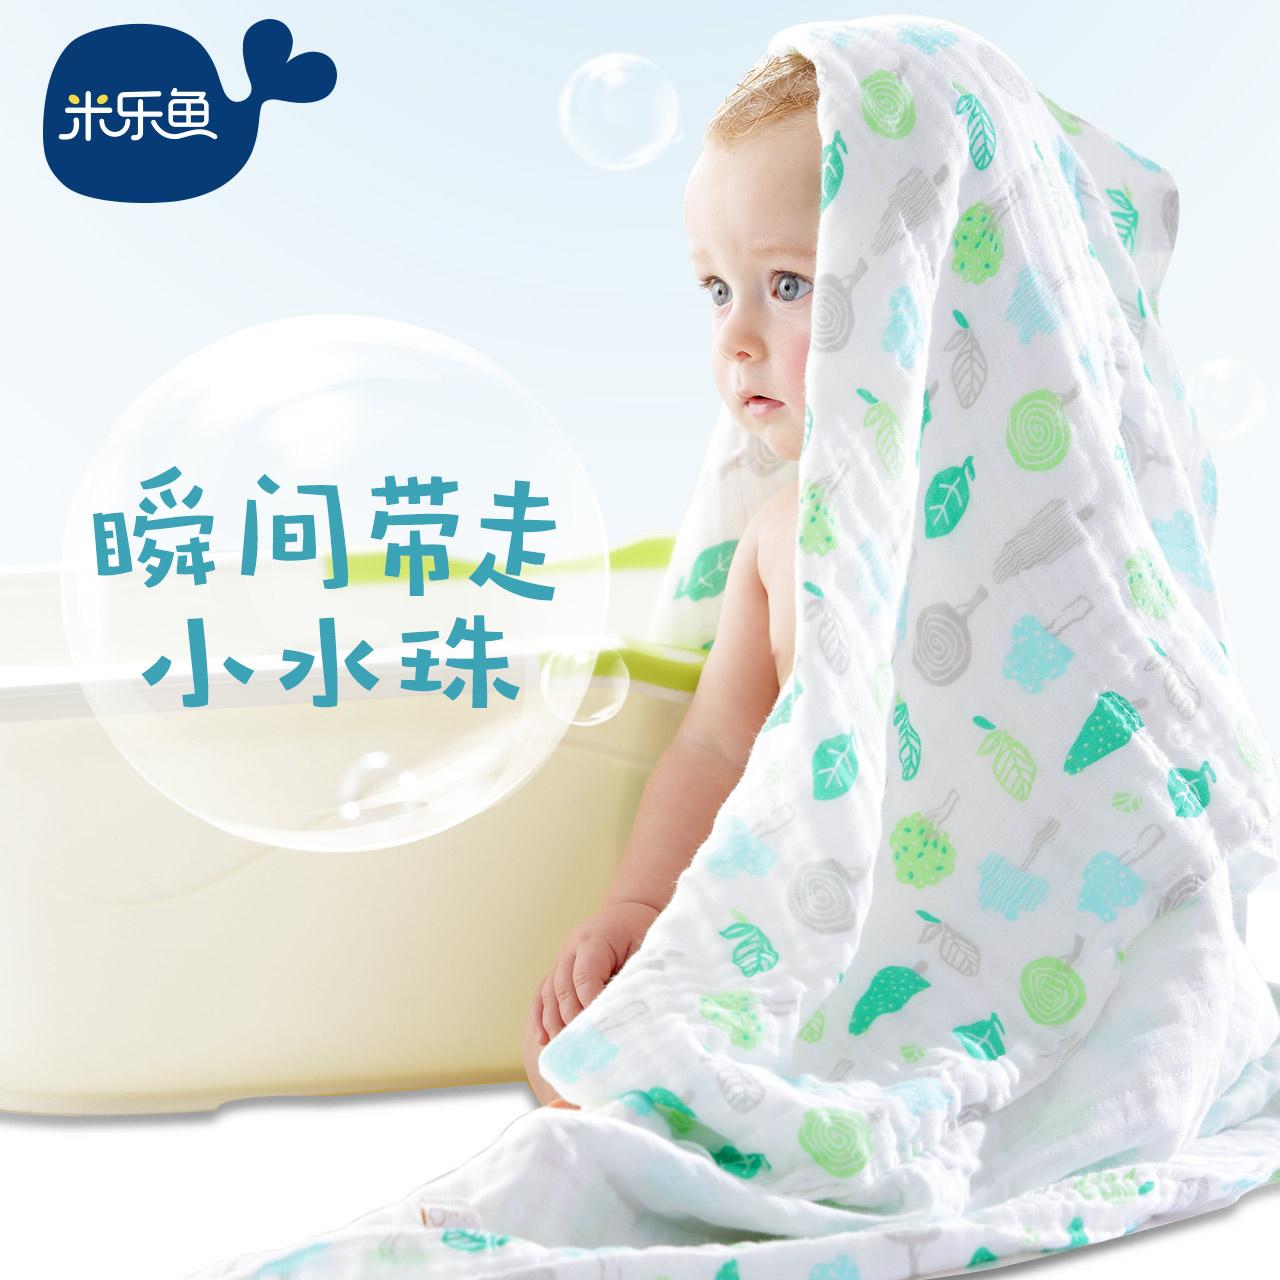 米乐鱼 婴儿浴巾好用吗,评价如何